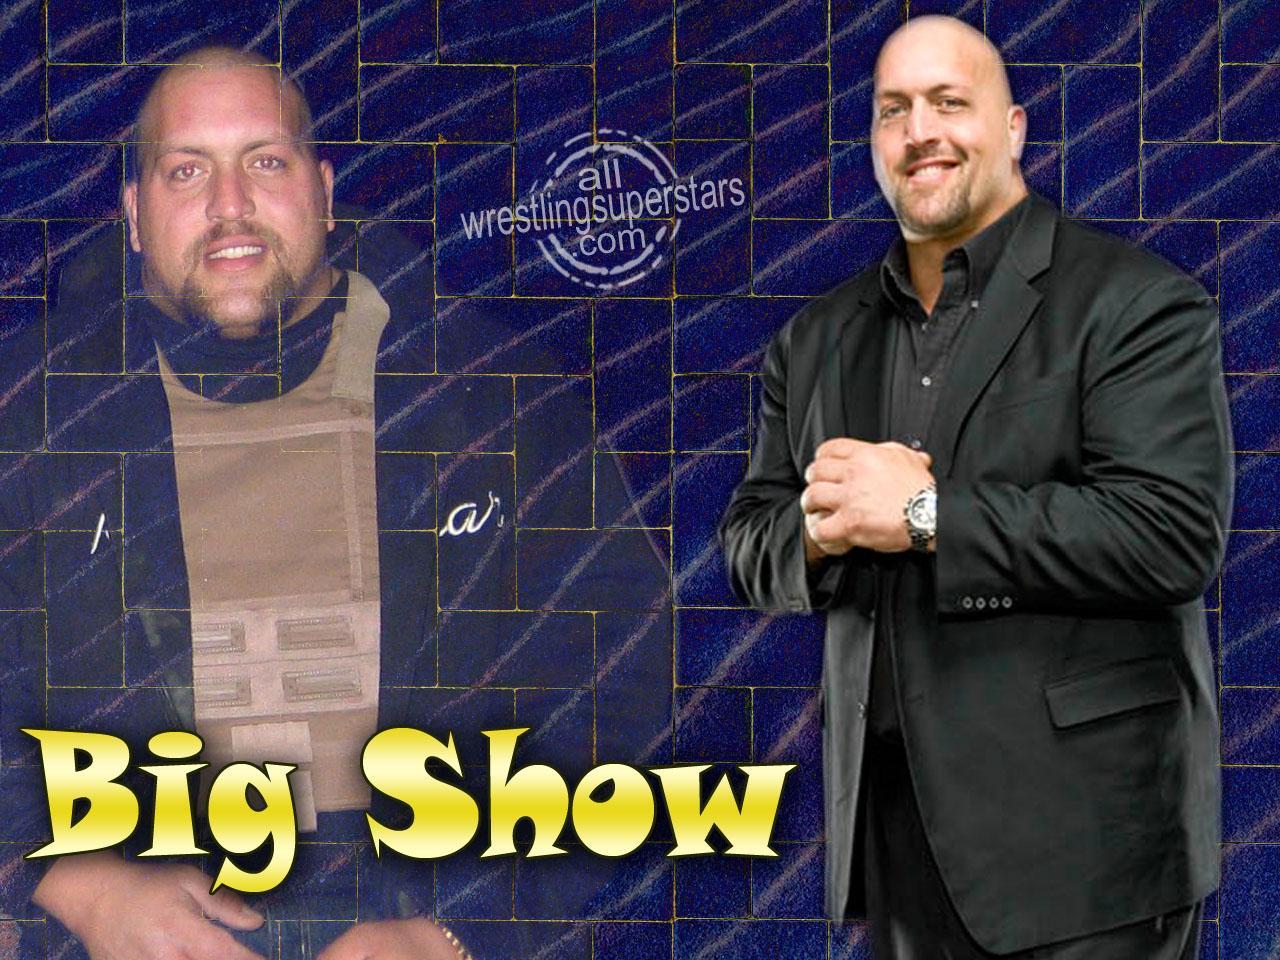 http://4.bp.blogspot.com/-W37CR7xcsfc/TfEWLx75MZI/AAAAAAAADUg/s3Rx1rDHOv4/s1600/WWE-WALLPAPERS-BIG-SHOW-1.JPG